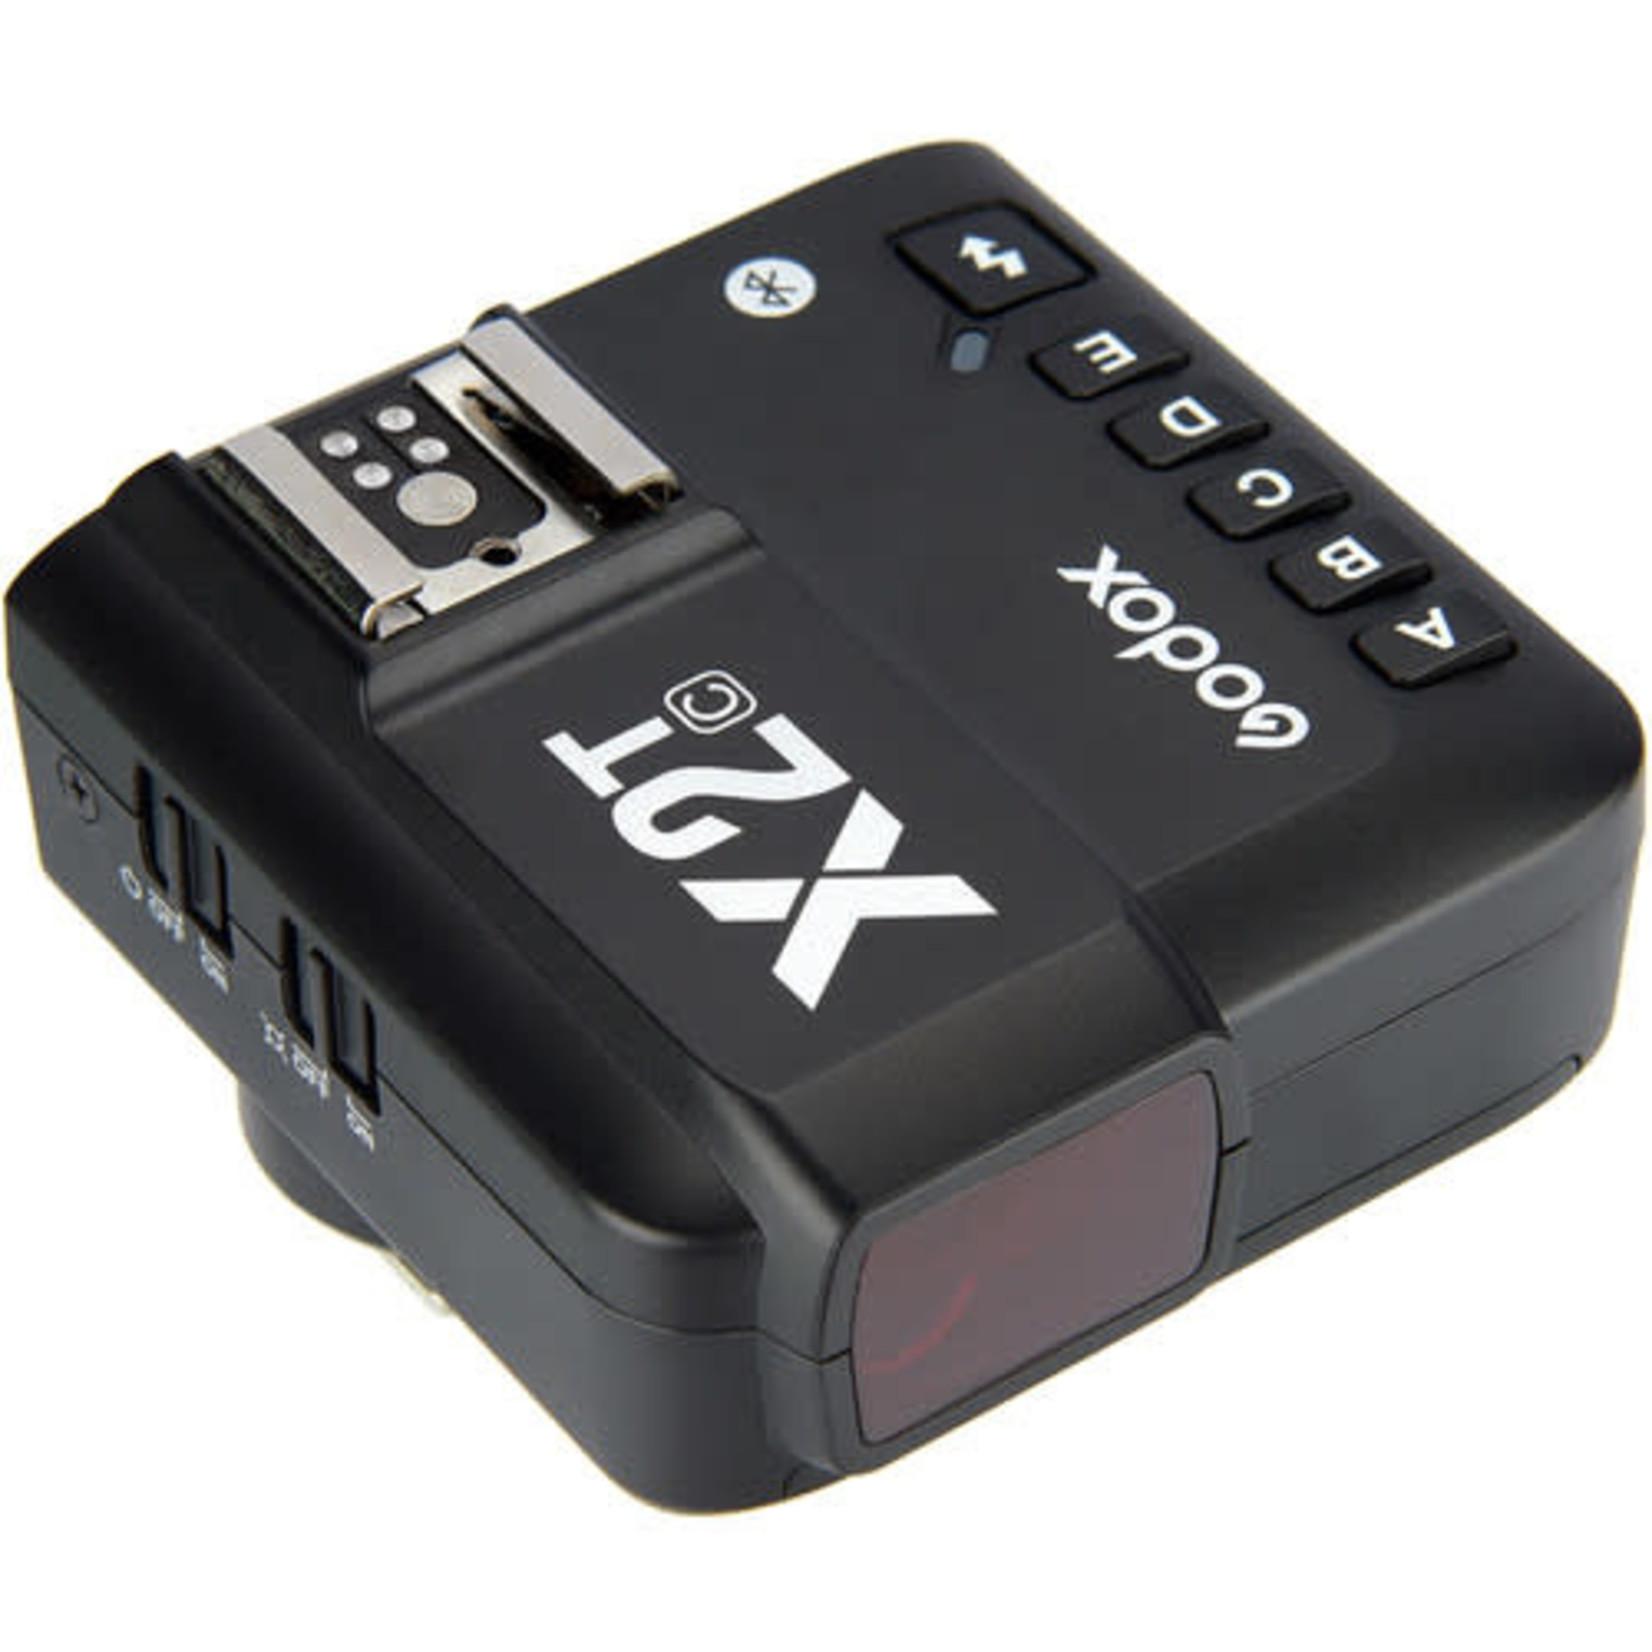 Godox GodoxX2T TTL Wireless Flash Trigger for Nikon